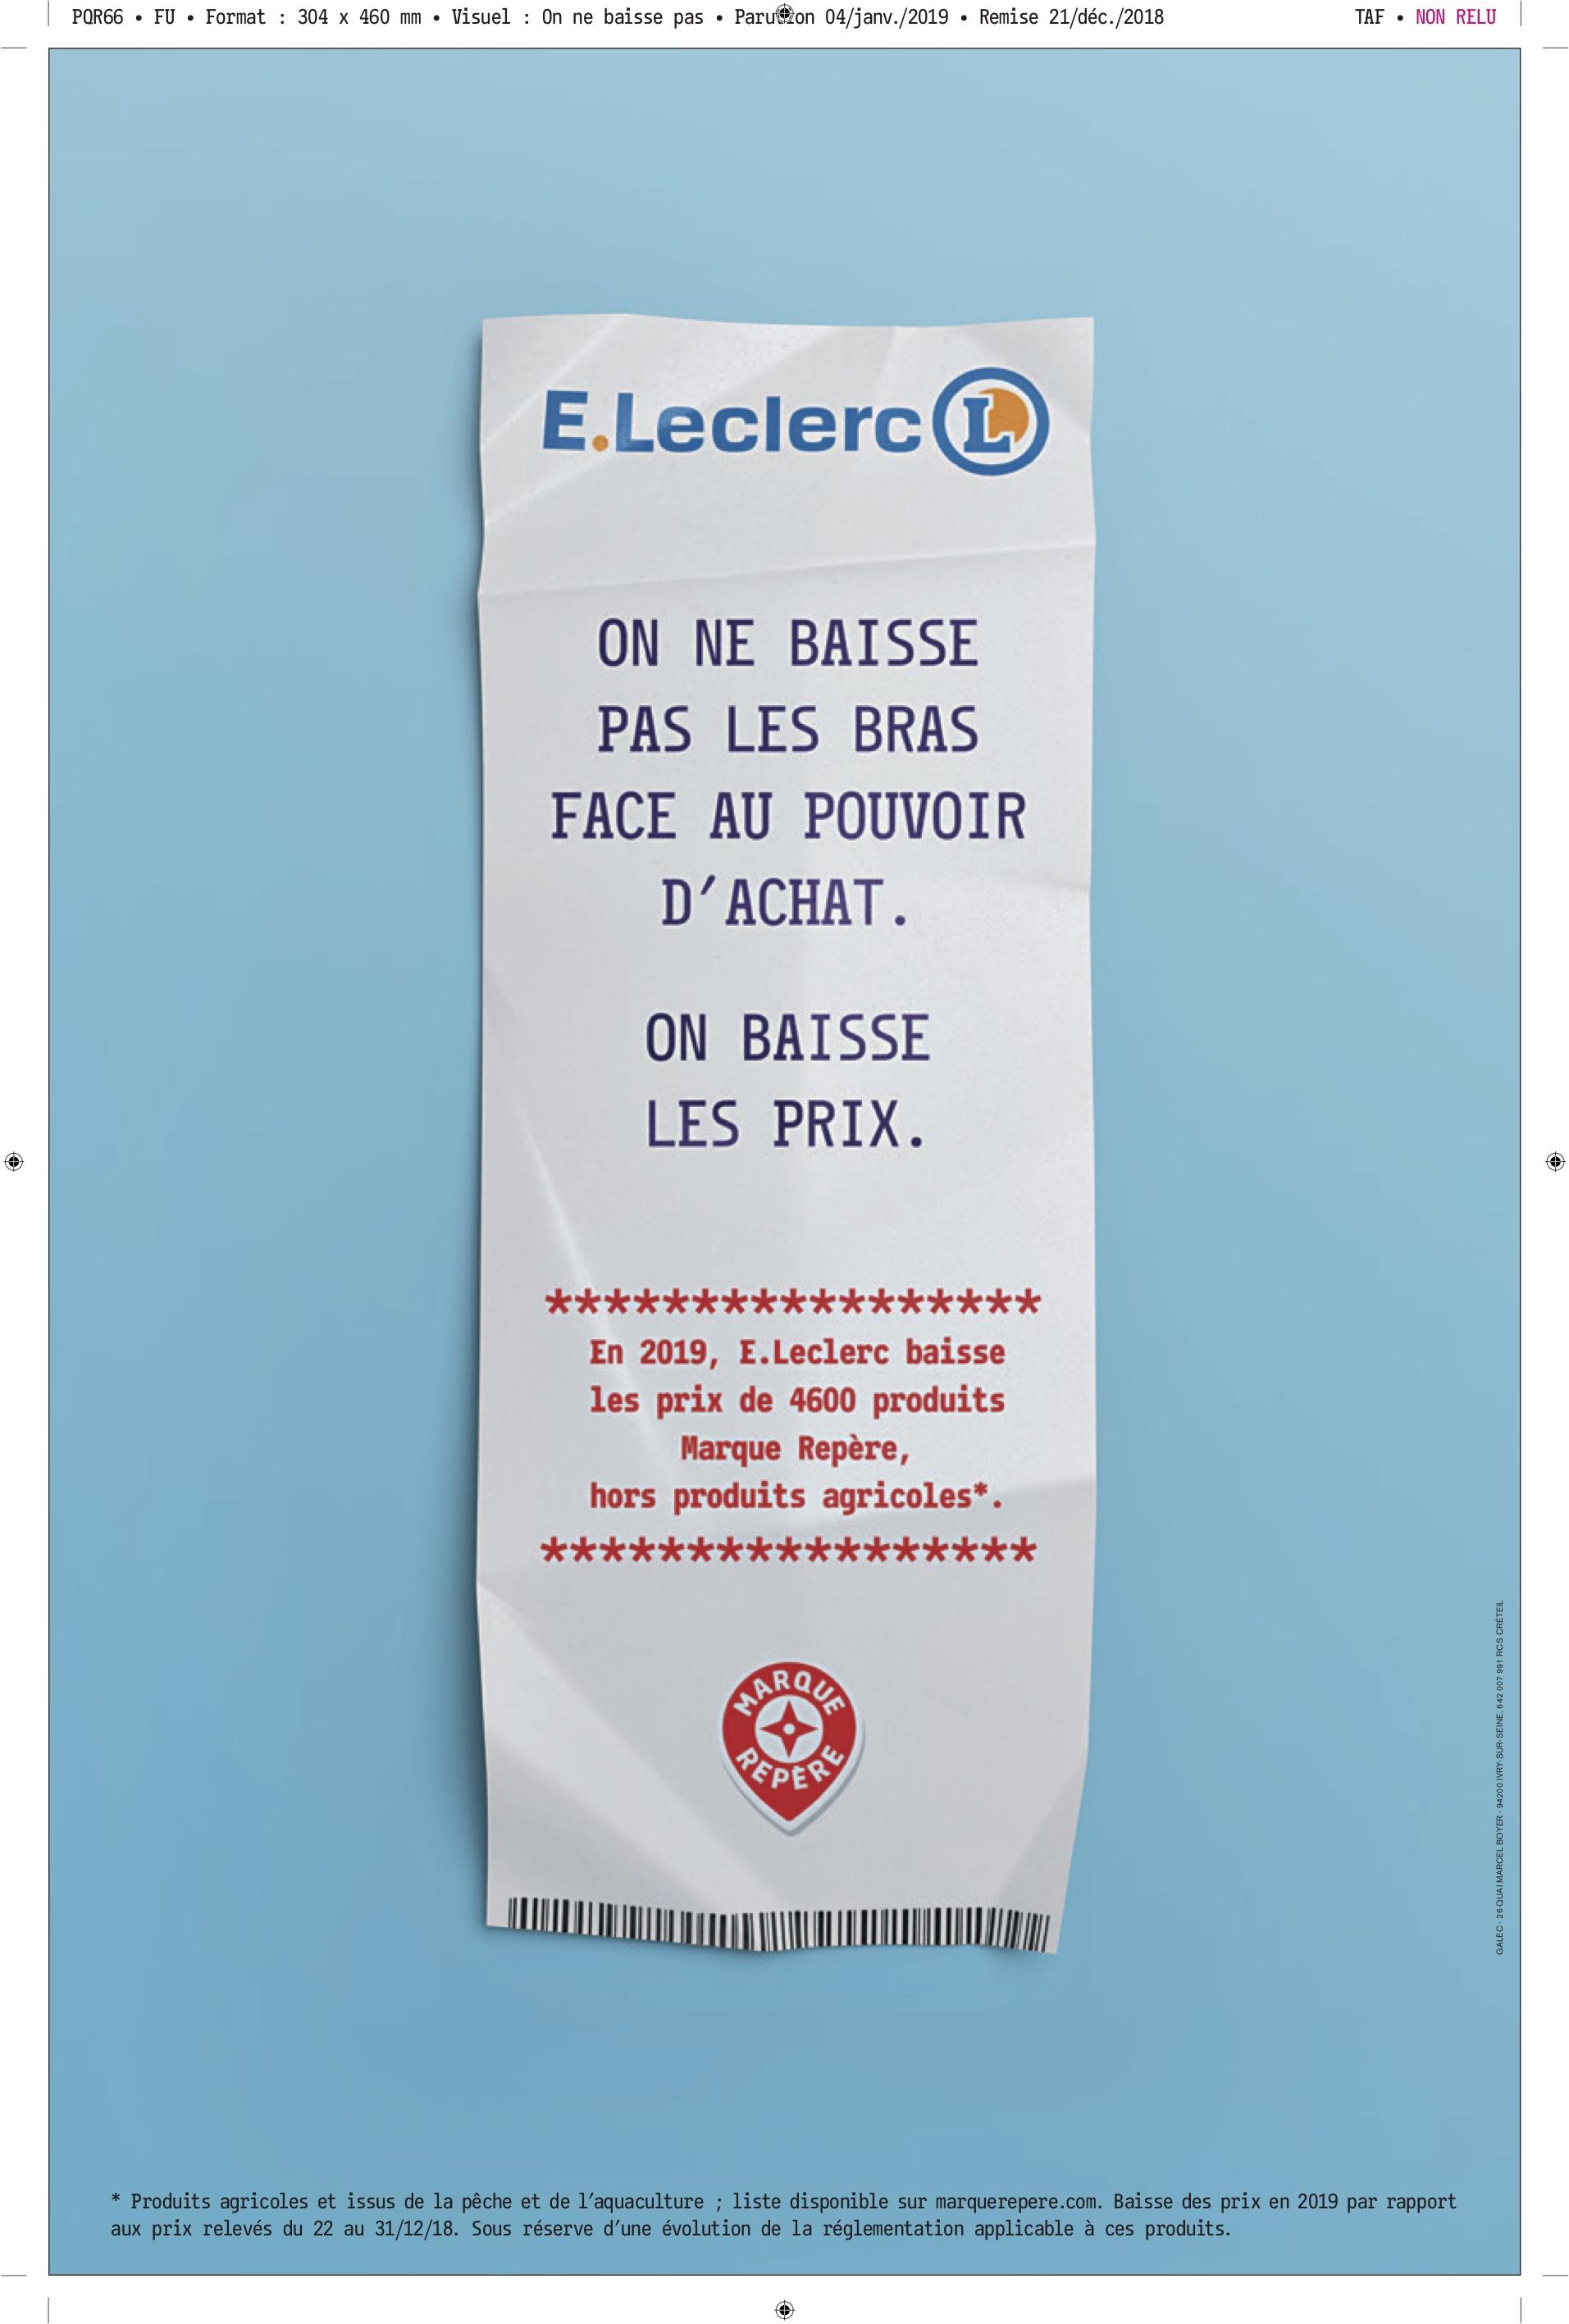 Pouvoir Dachat Eleclerc Baisse Les Prix De 4600